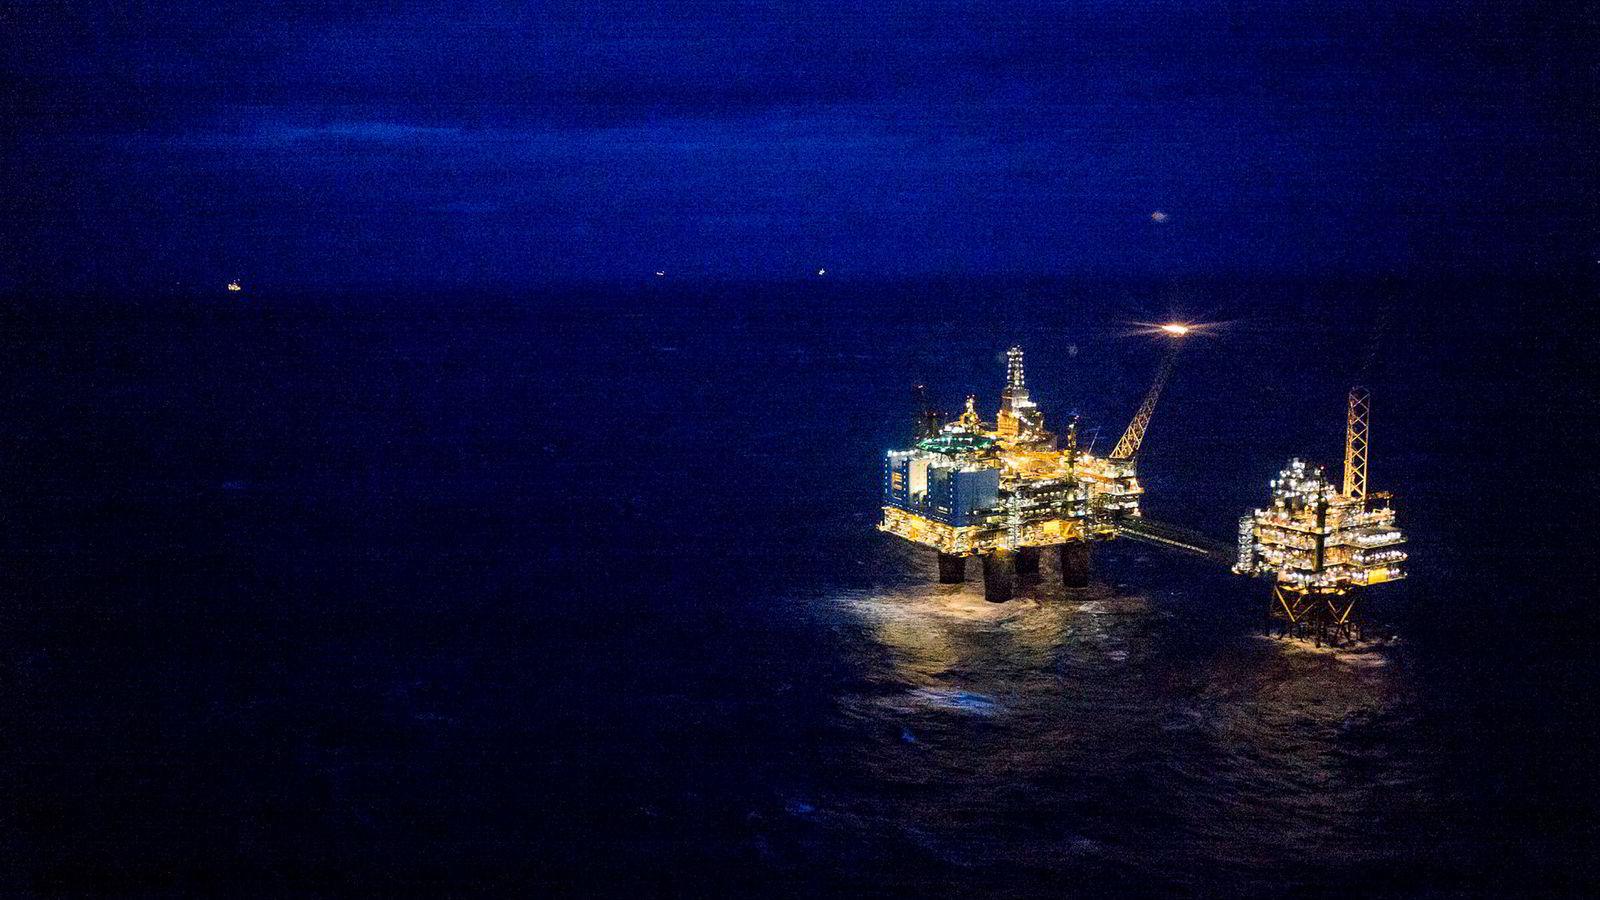 Terskelen for å varsle om avvik i olje- og gassektoren blir stadig høyere, ifølge en rapport fra Petroleumstilsynet.